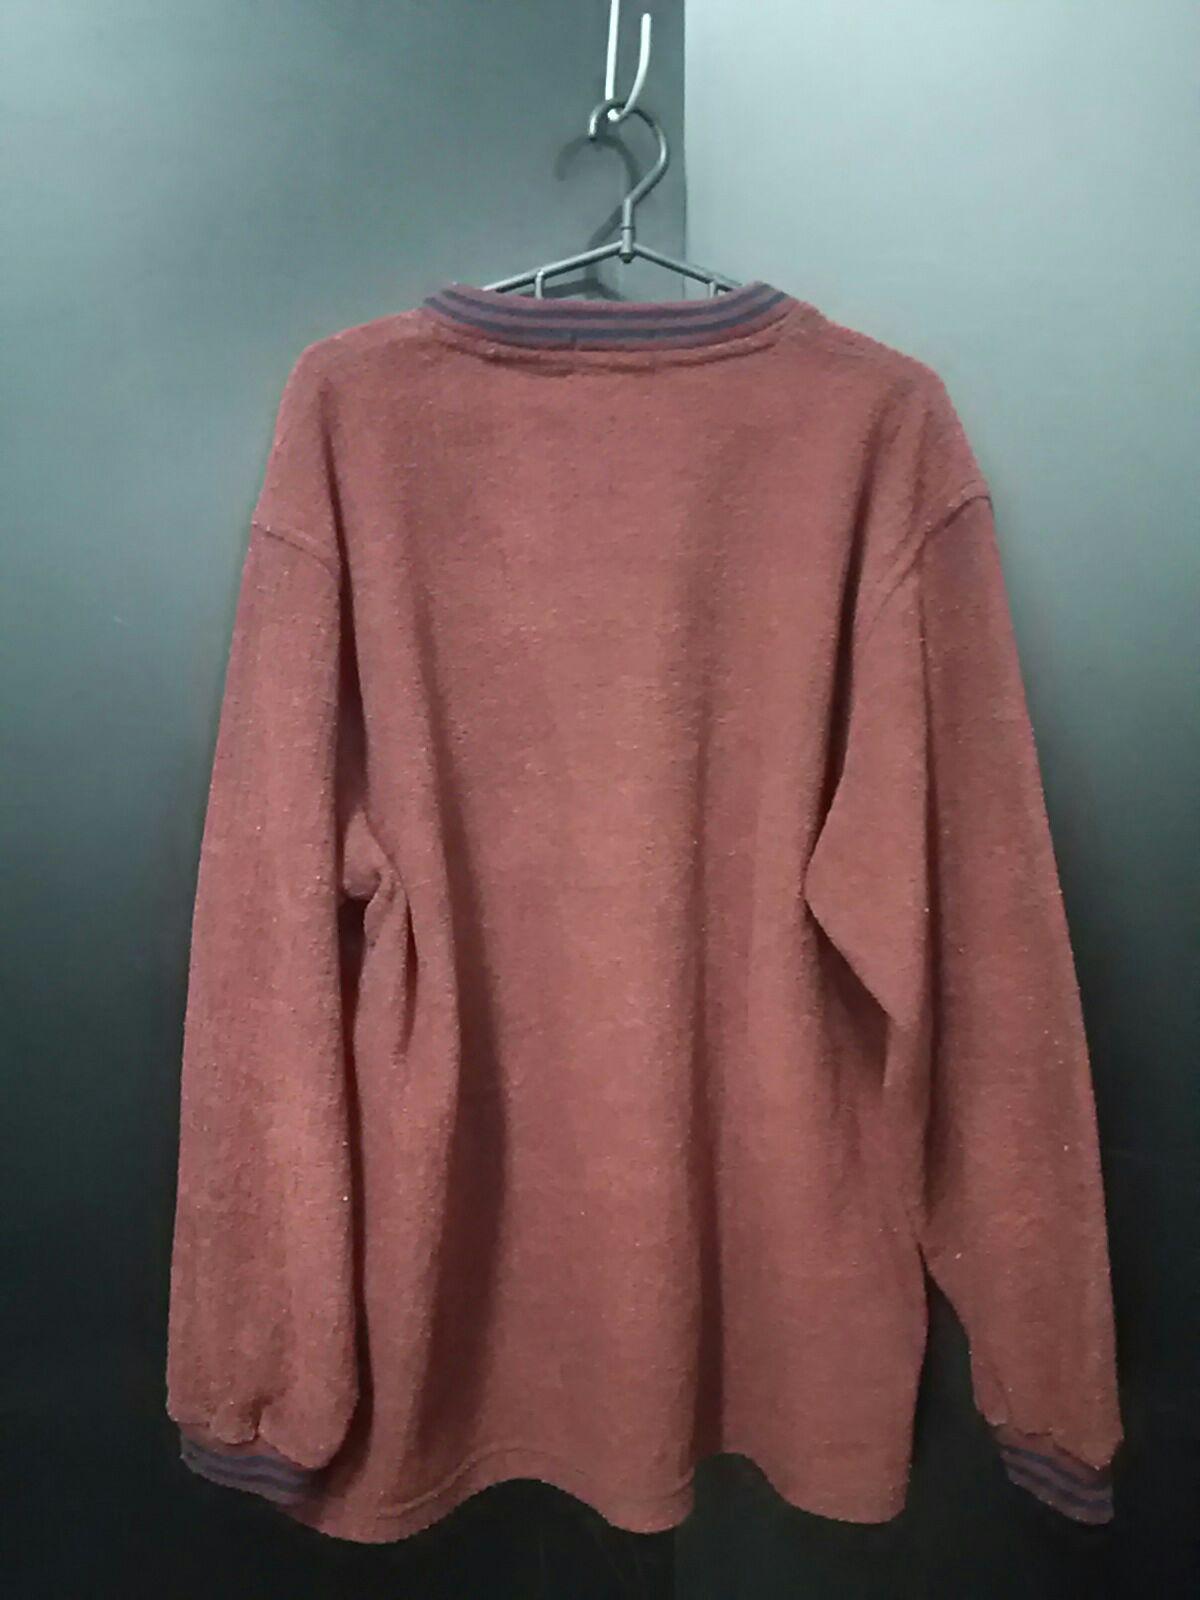 U.S.POLOASSN.(ユーエスポロアソシエーション)のセーター